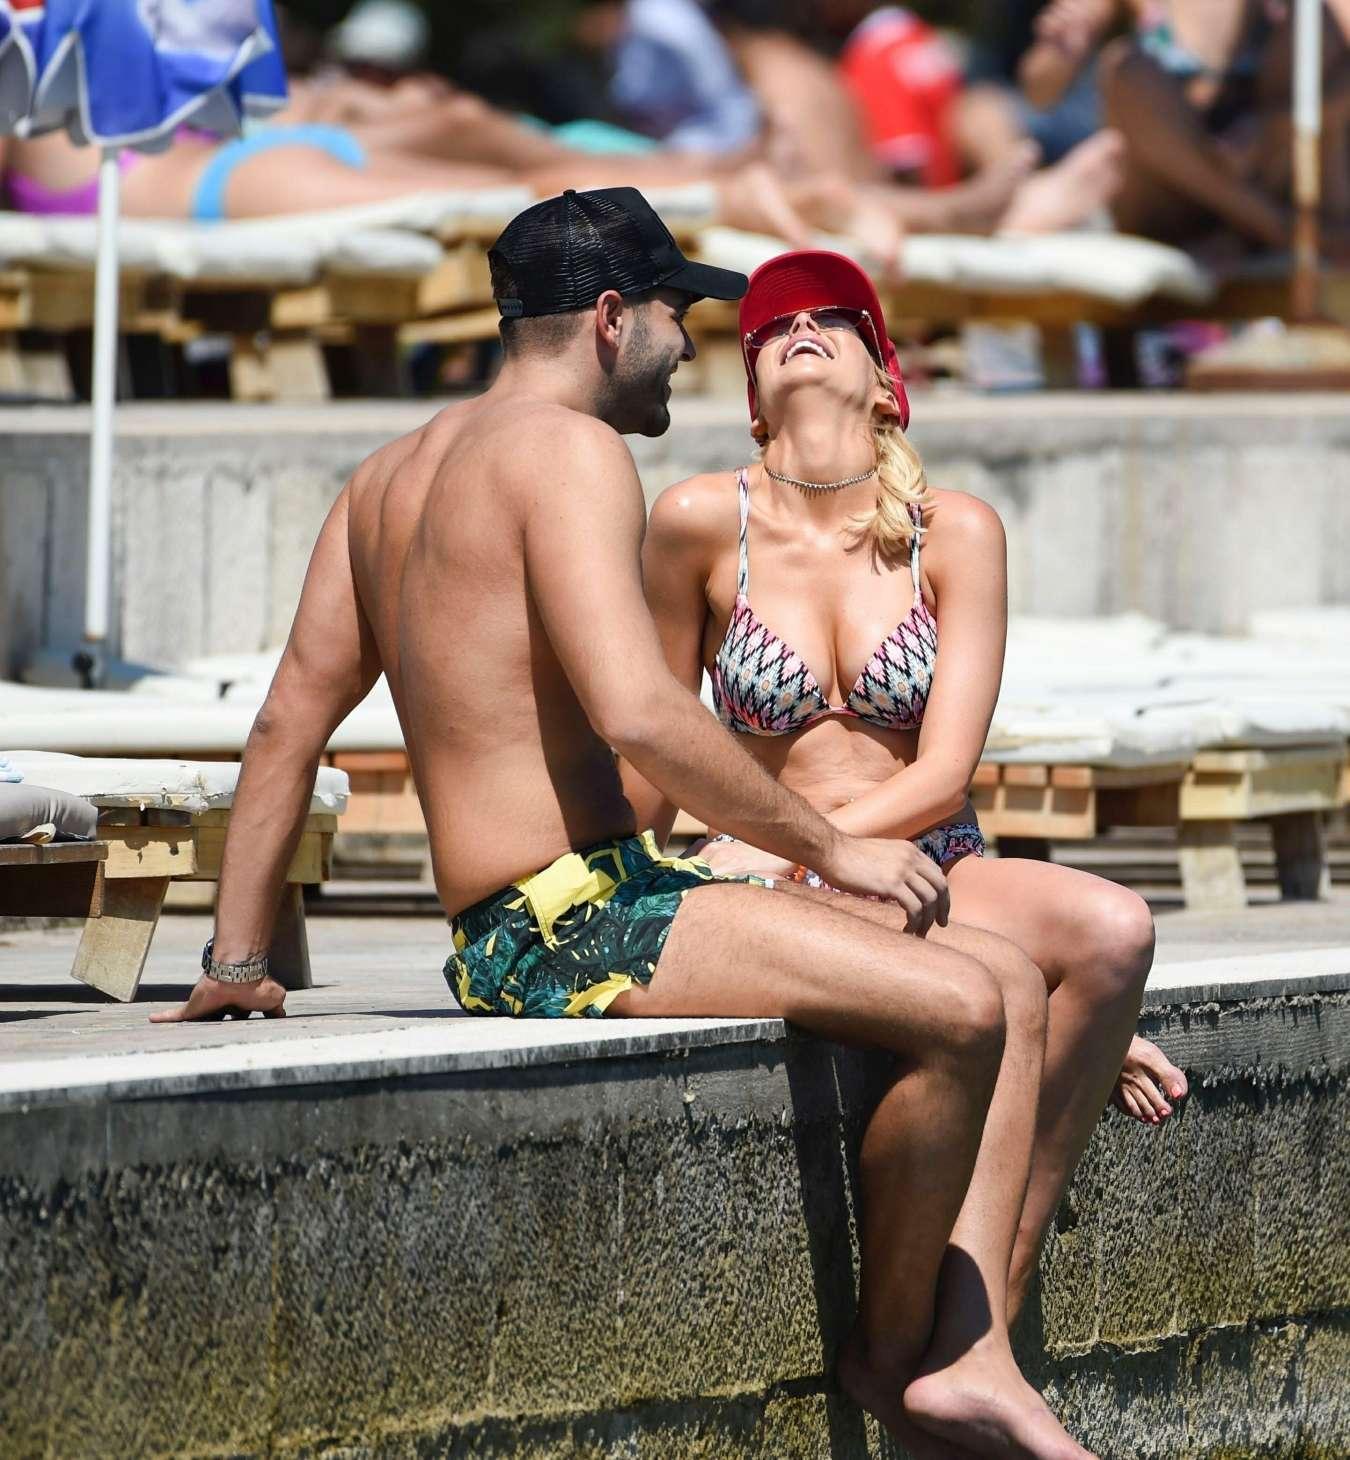 Stephanie Pratt 2017 : Stephanie Pratt: Bikini on holiday in Croatia -14